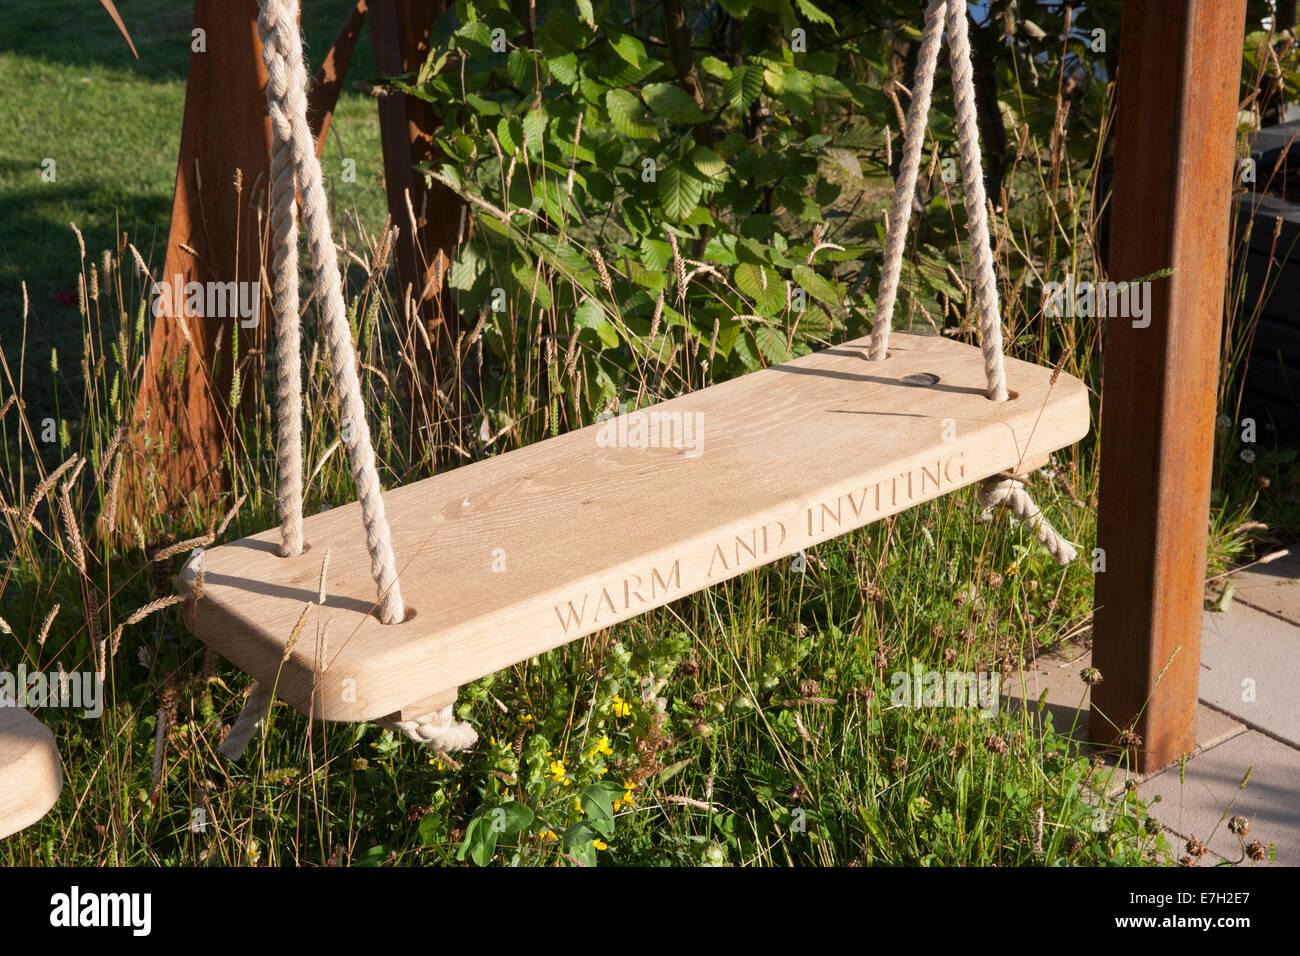 garten - maggies waldgarten - gartenschaukel - designer - amanda